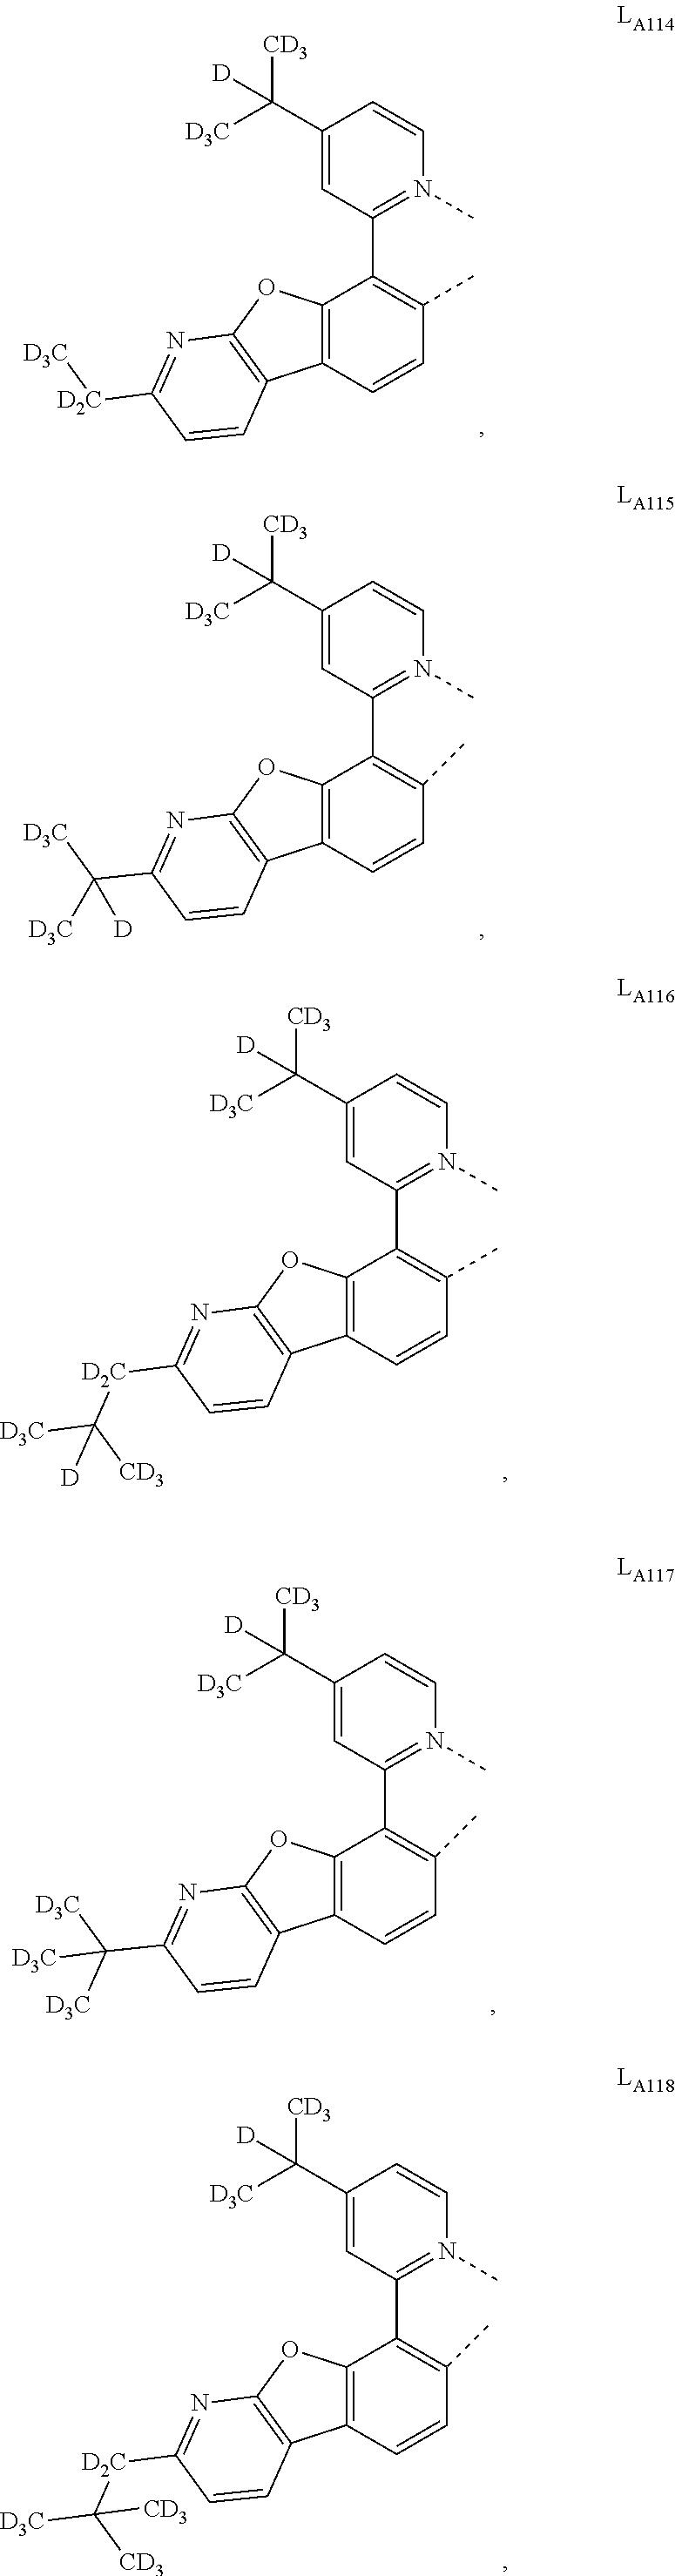 Figure US20160049599A1-20160218-C00423